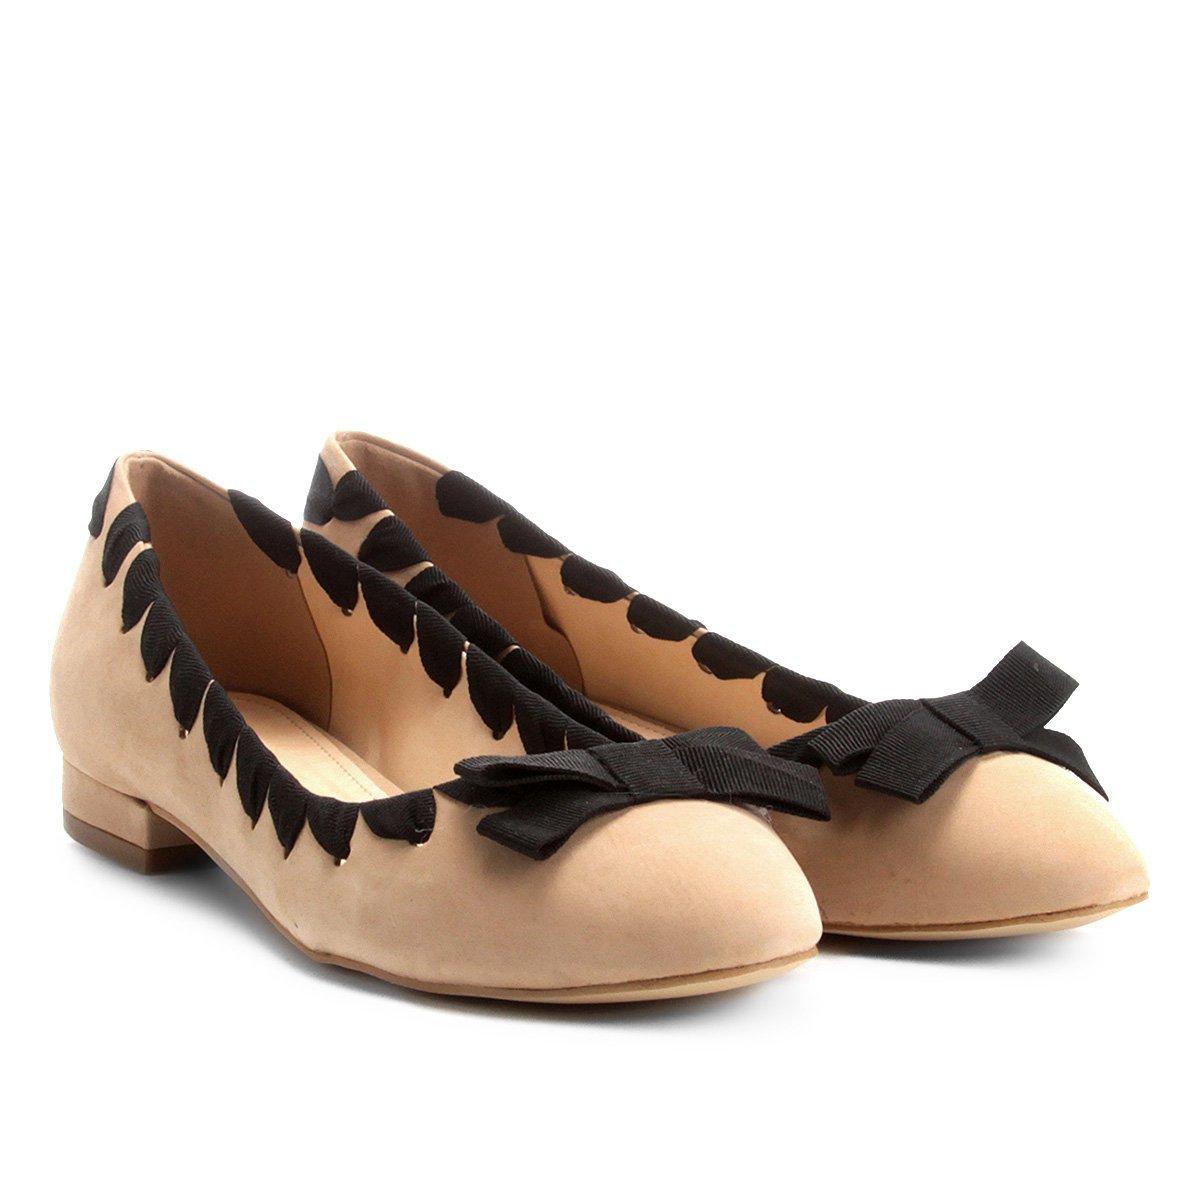 Foto 1 - Sapatilha Couro Shoestock Gorgurão Feminina